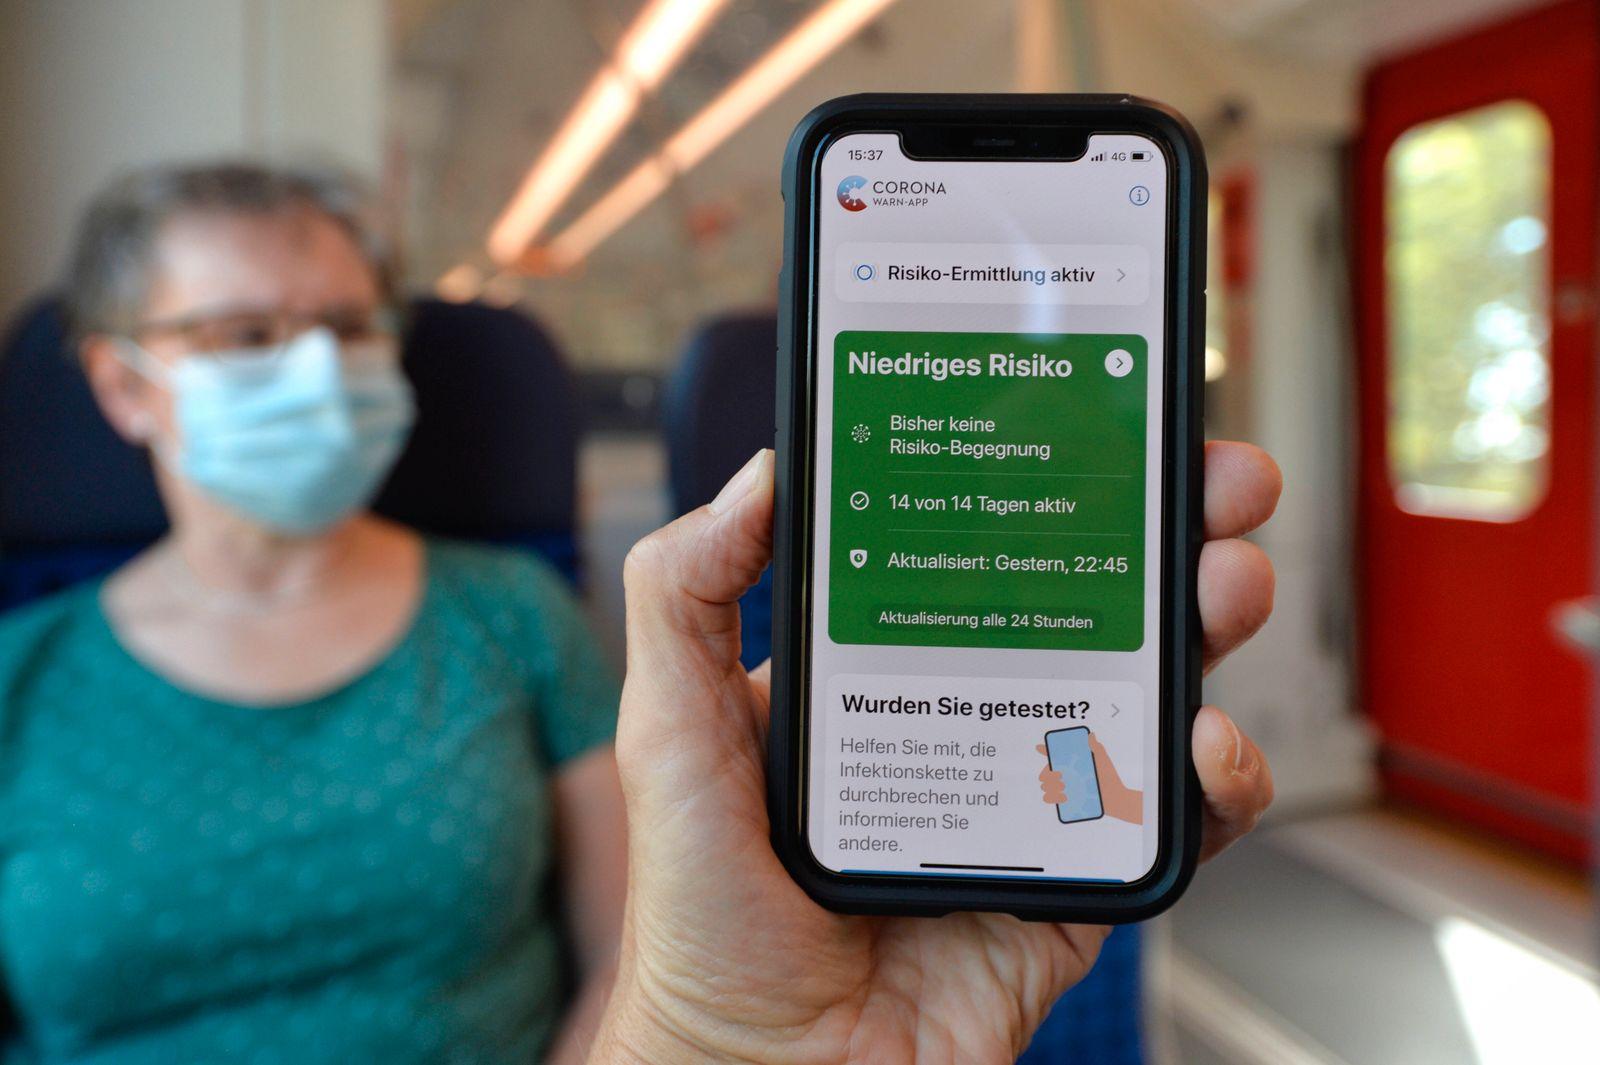 Hand hält Smartphone mit Corona Warn-App im grünen Bereich vor ältere Frau mit Mundschutzmaske sitzt in S-Bahn, Zug, Co